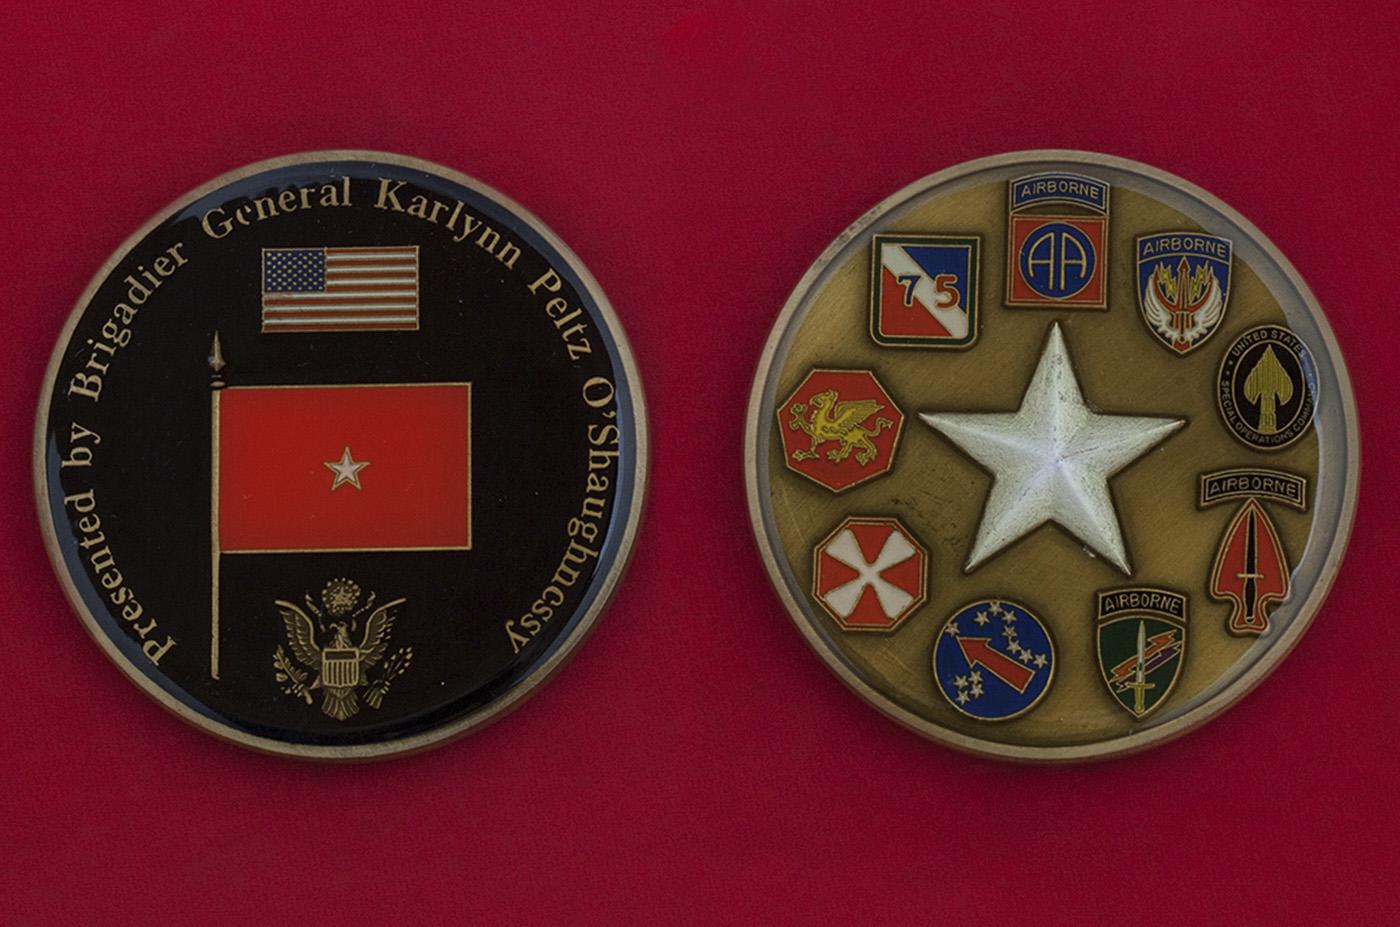 Челлендж коин в честь выхода в отставку бригадного генерала Армии США Карлин О'Шонесси